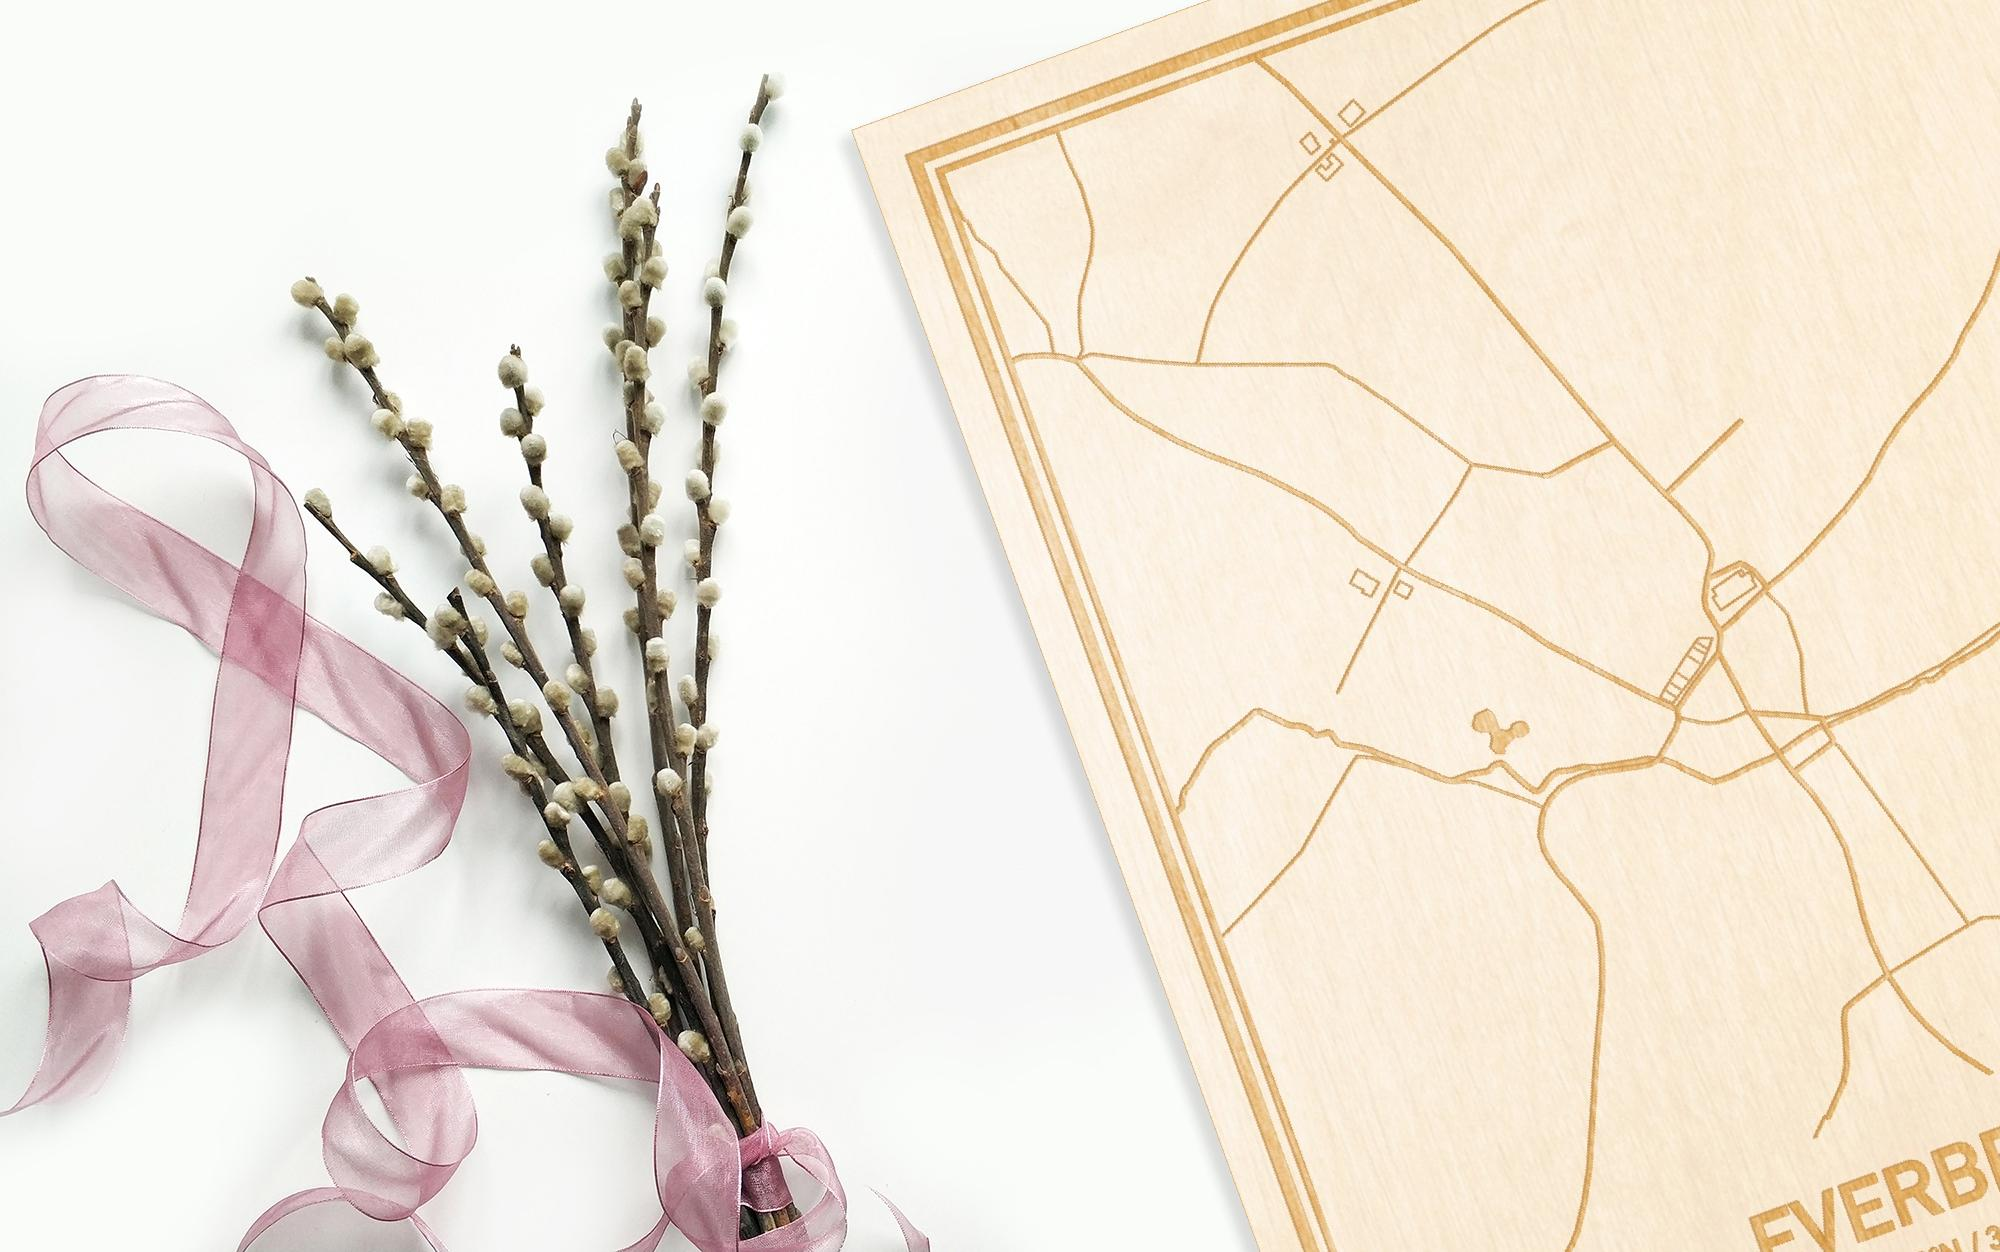 Hier ligt de houten plattegrond Everbeek naast een bloemetje als gepersonaliseerd cadeau voor haar.